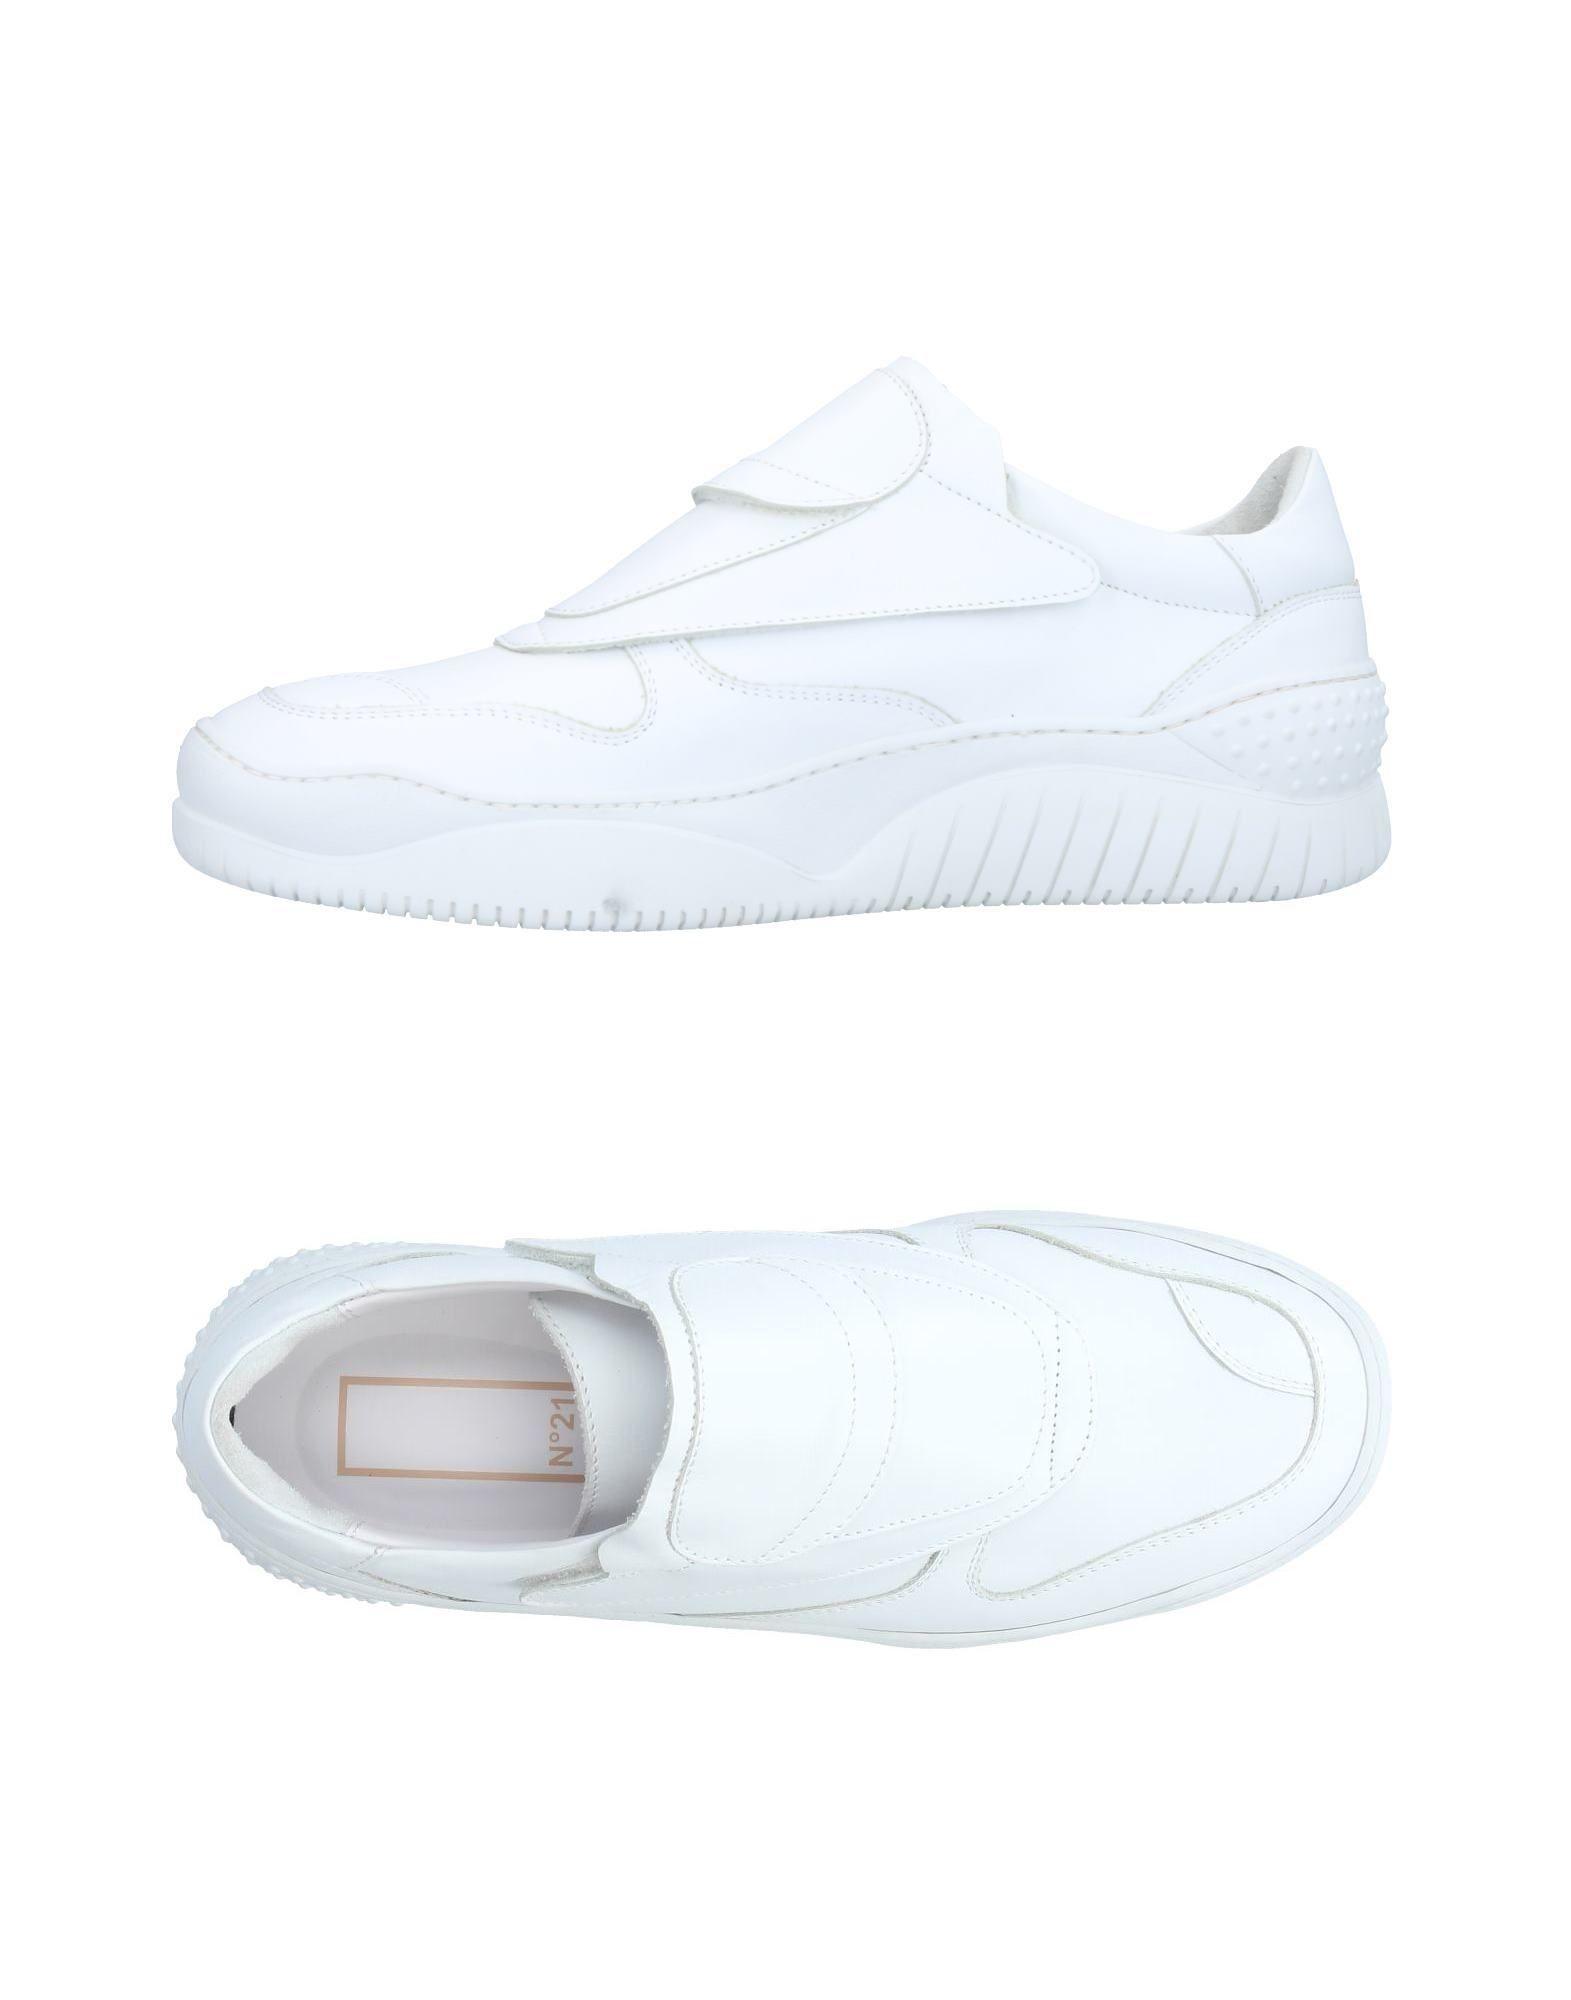 Sneakers N° 21 Uomo - 11413280CA 11413280CA - a1f8f3